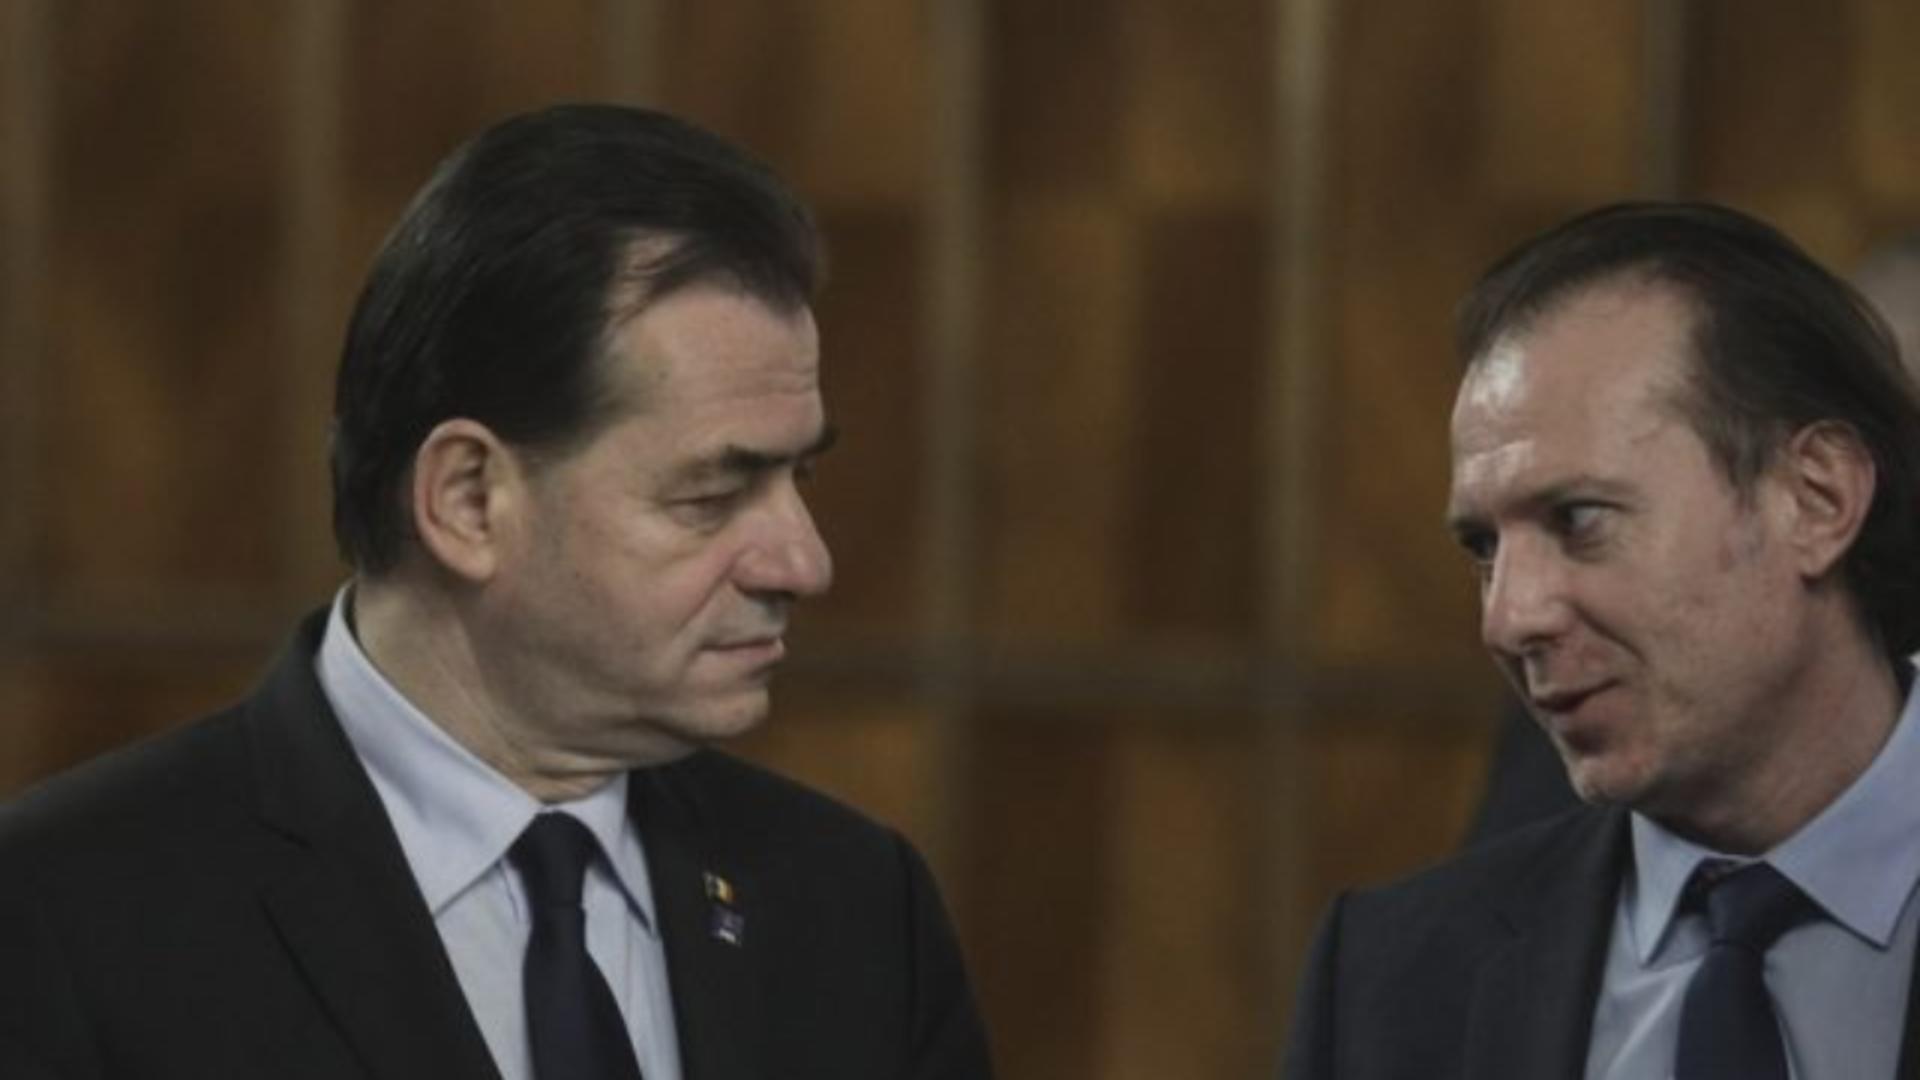 Florin Cîțu și Ludovic Orban (sursă: Inquam/Octav Ganea)